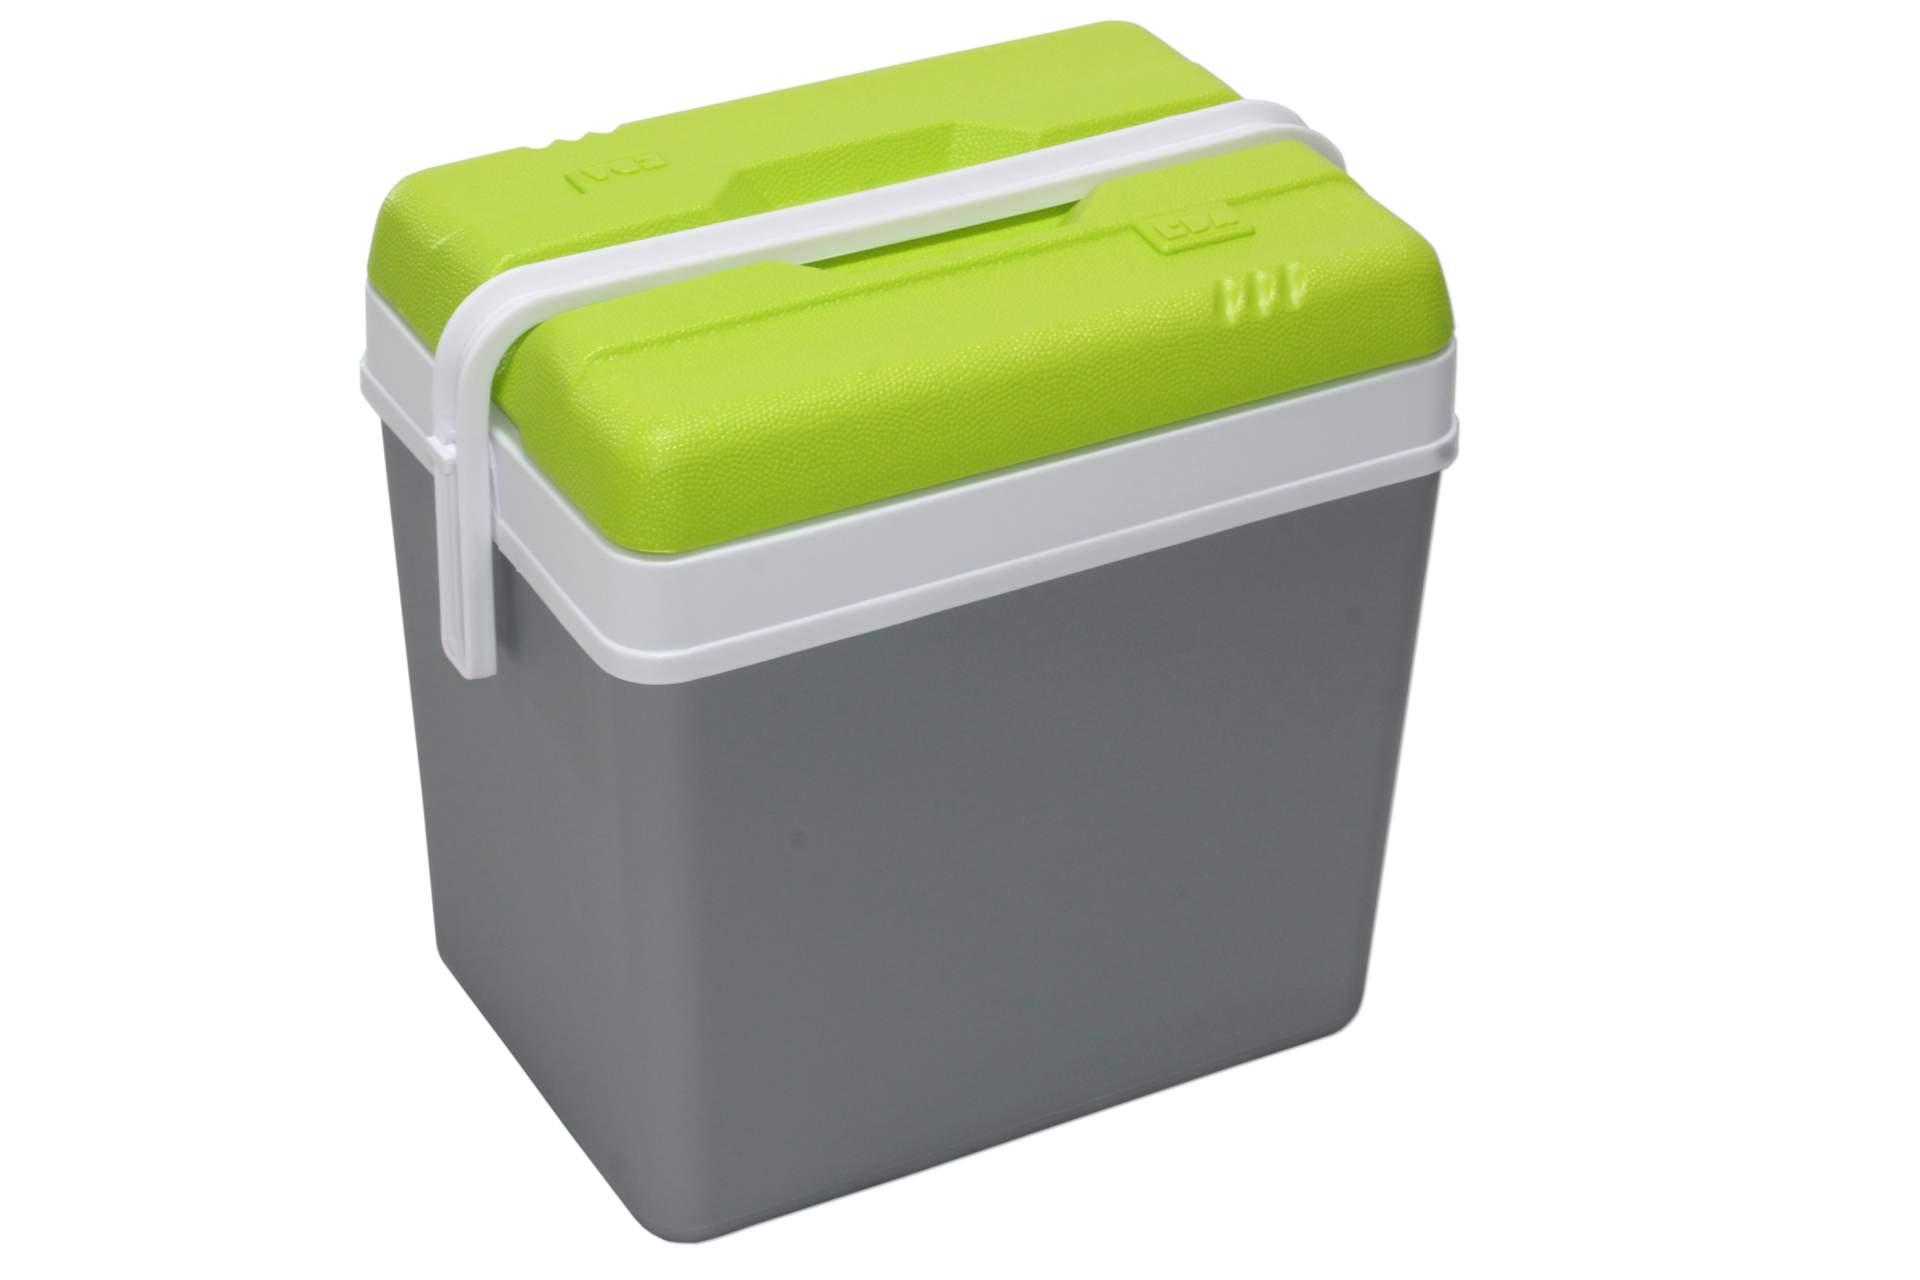 k hlbox 24 liter 40 x 27 x 37 cm kunststoff k hltasche k hlung k hltasche isobox ebay. Black Bedroom Furniture Sets. Home Design Ideas